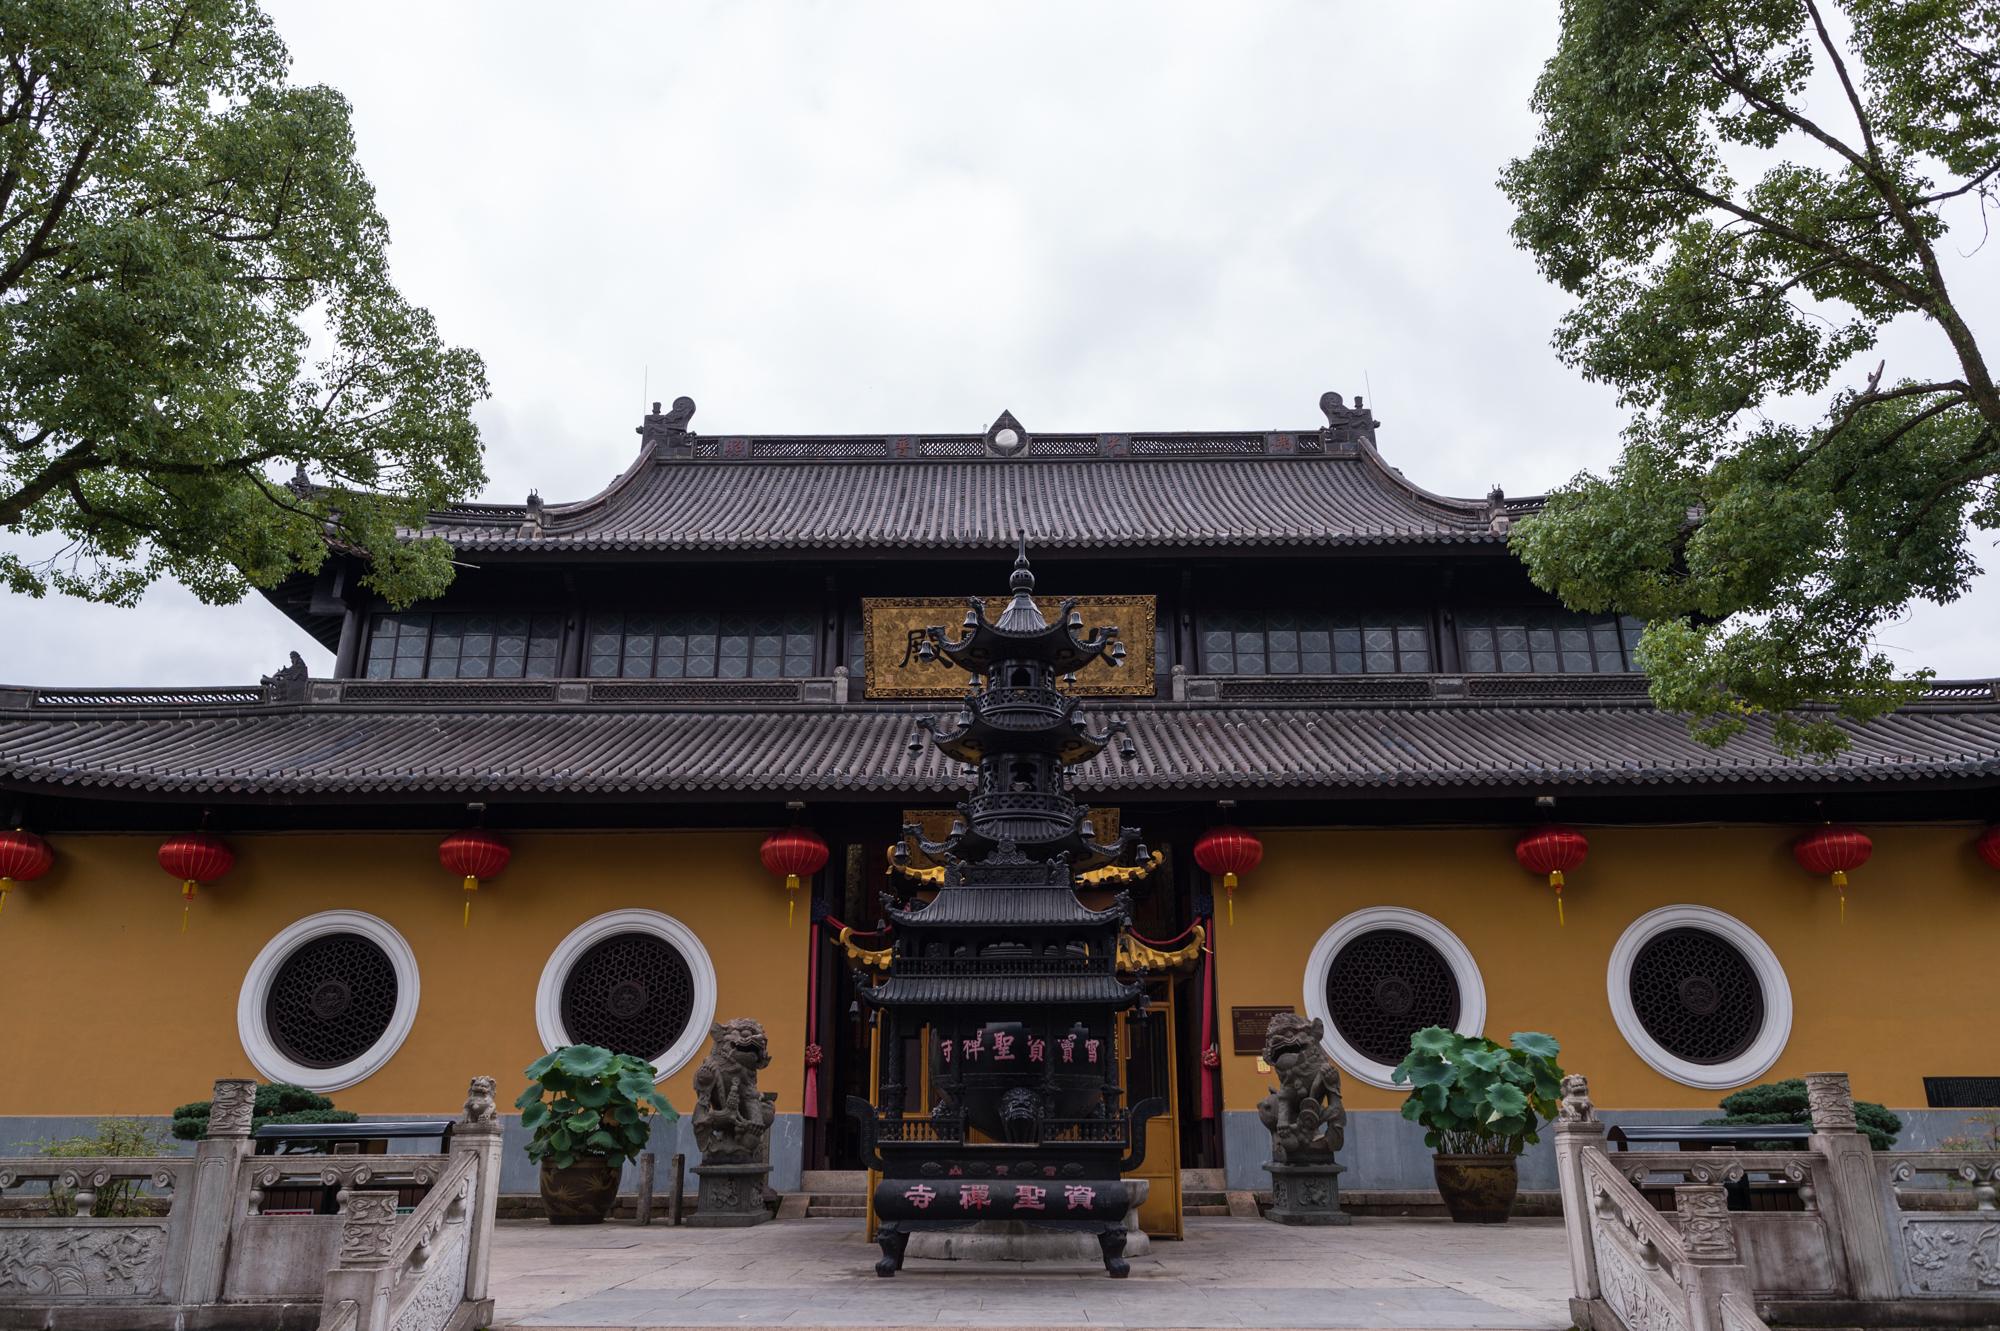 原创             中国第五大佛教名山,梵净山和雪窦山存在争议,最终被央视认定